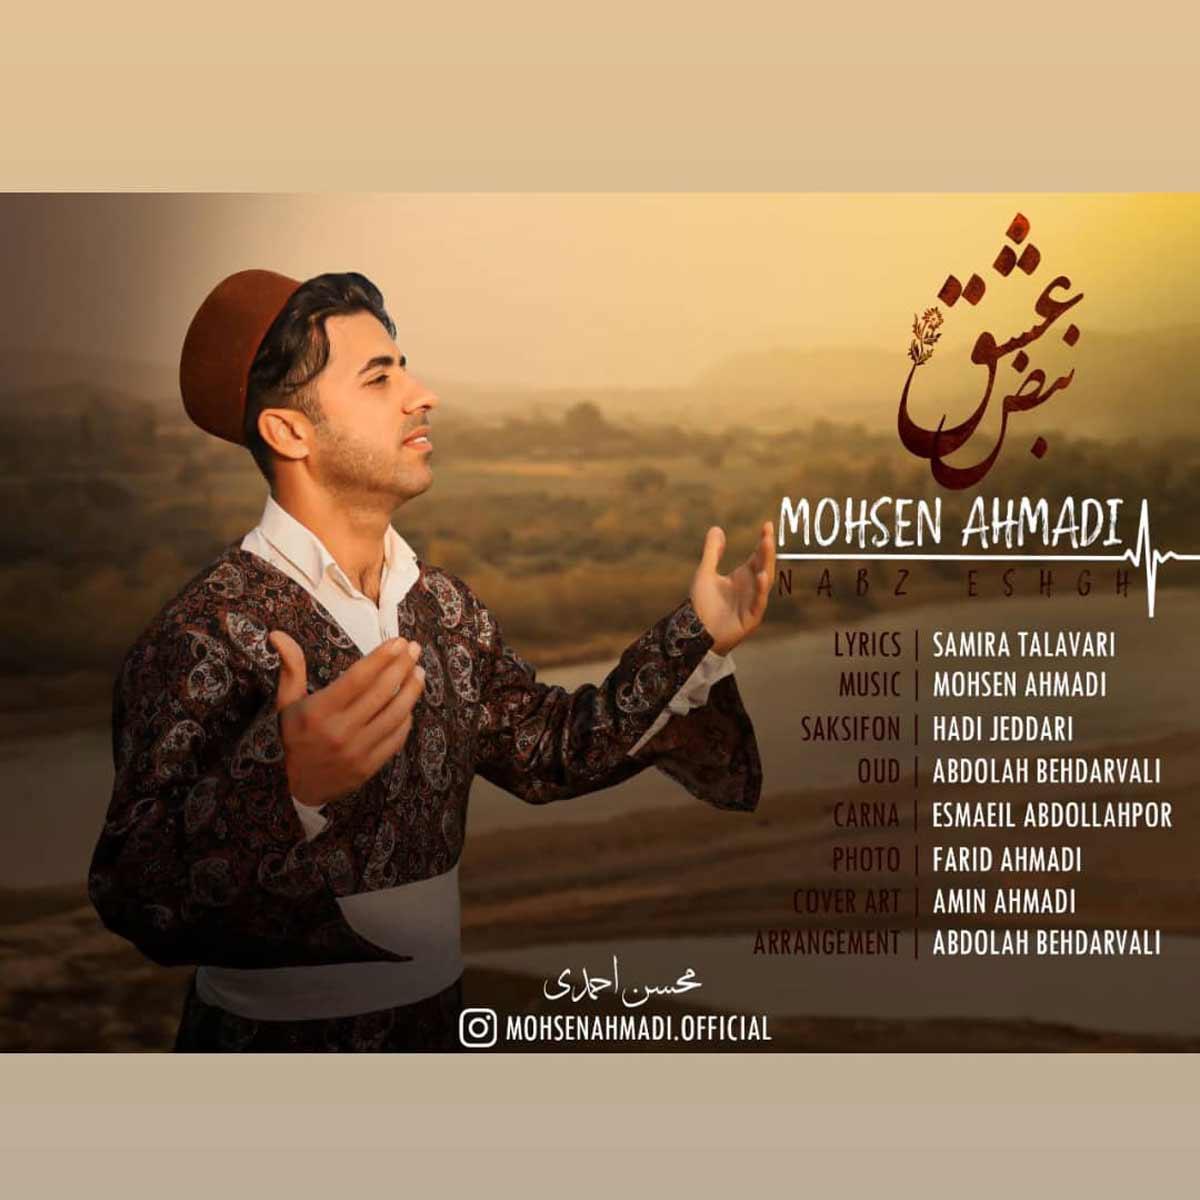 دانلود آهنگ لری نبض عشق از محسن احمدی